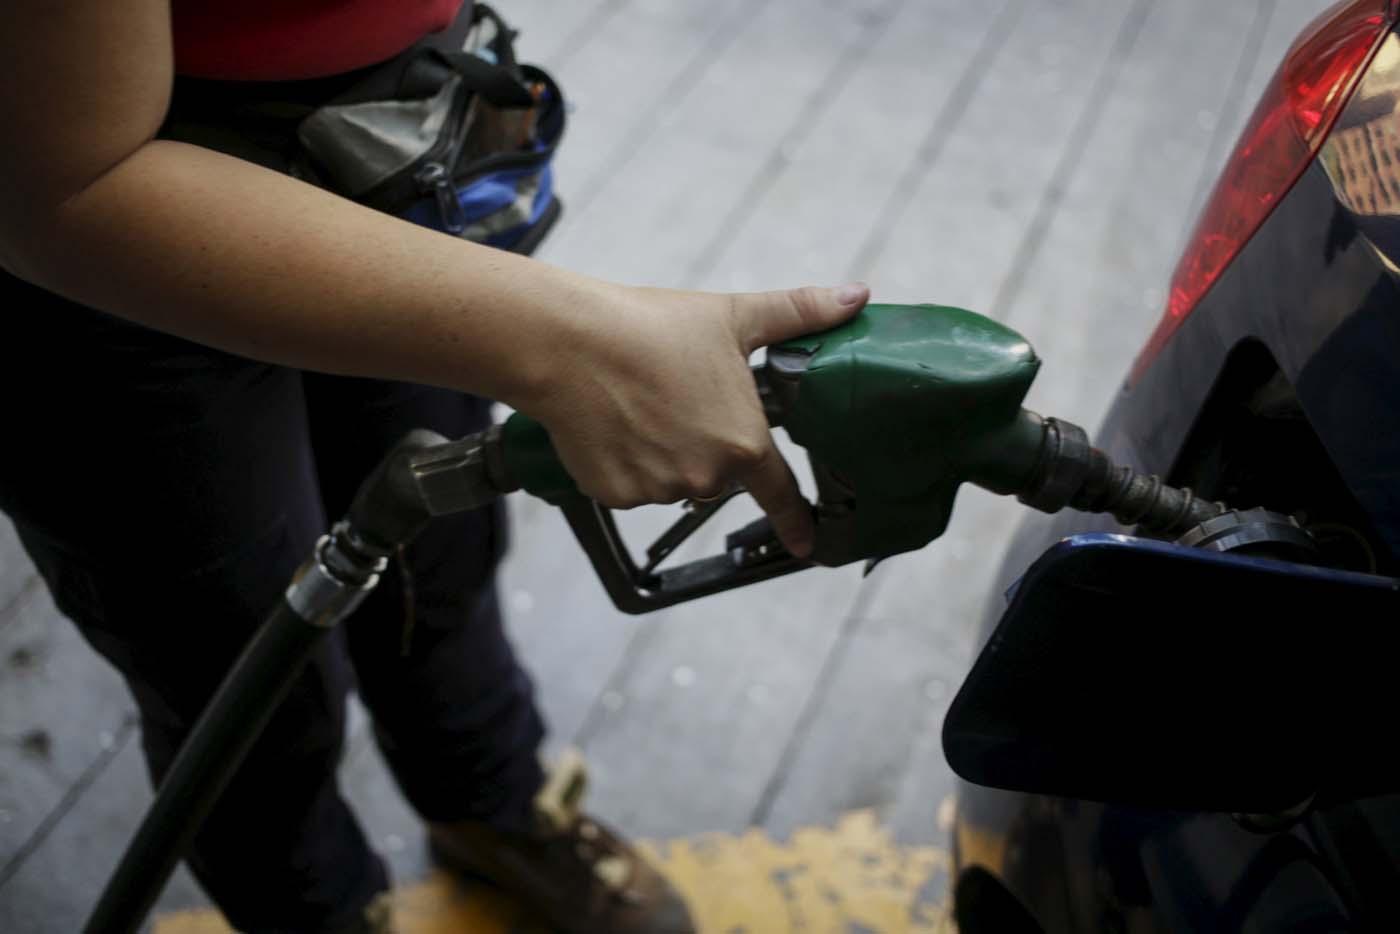 Venezuela: Aumenta a Bs. 668 el litro de gasolina en las Estaciones Alternativas de Táchira